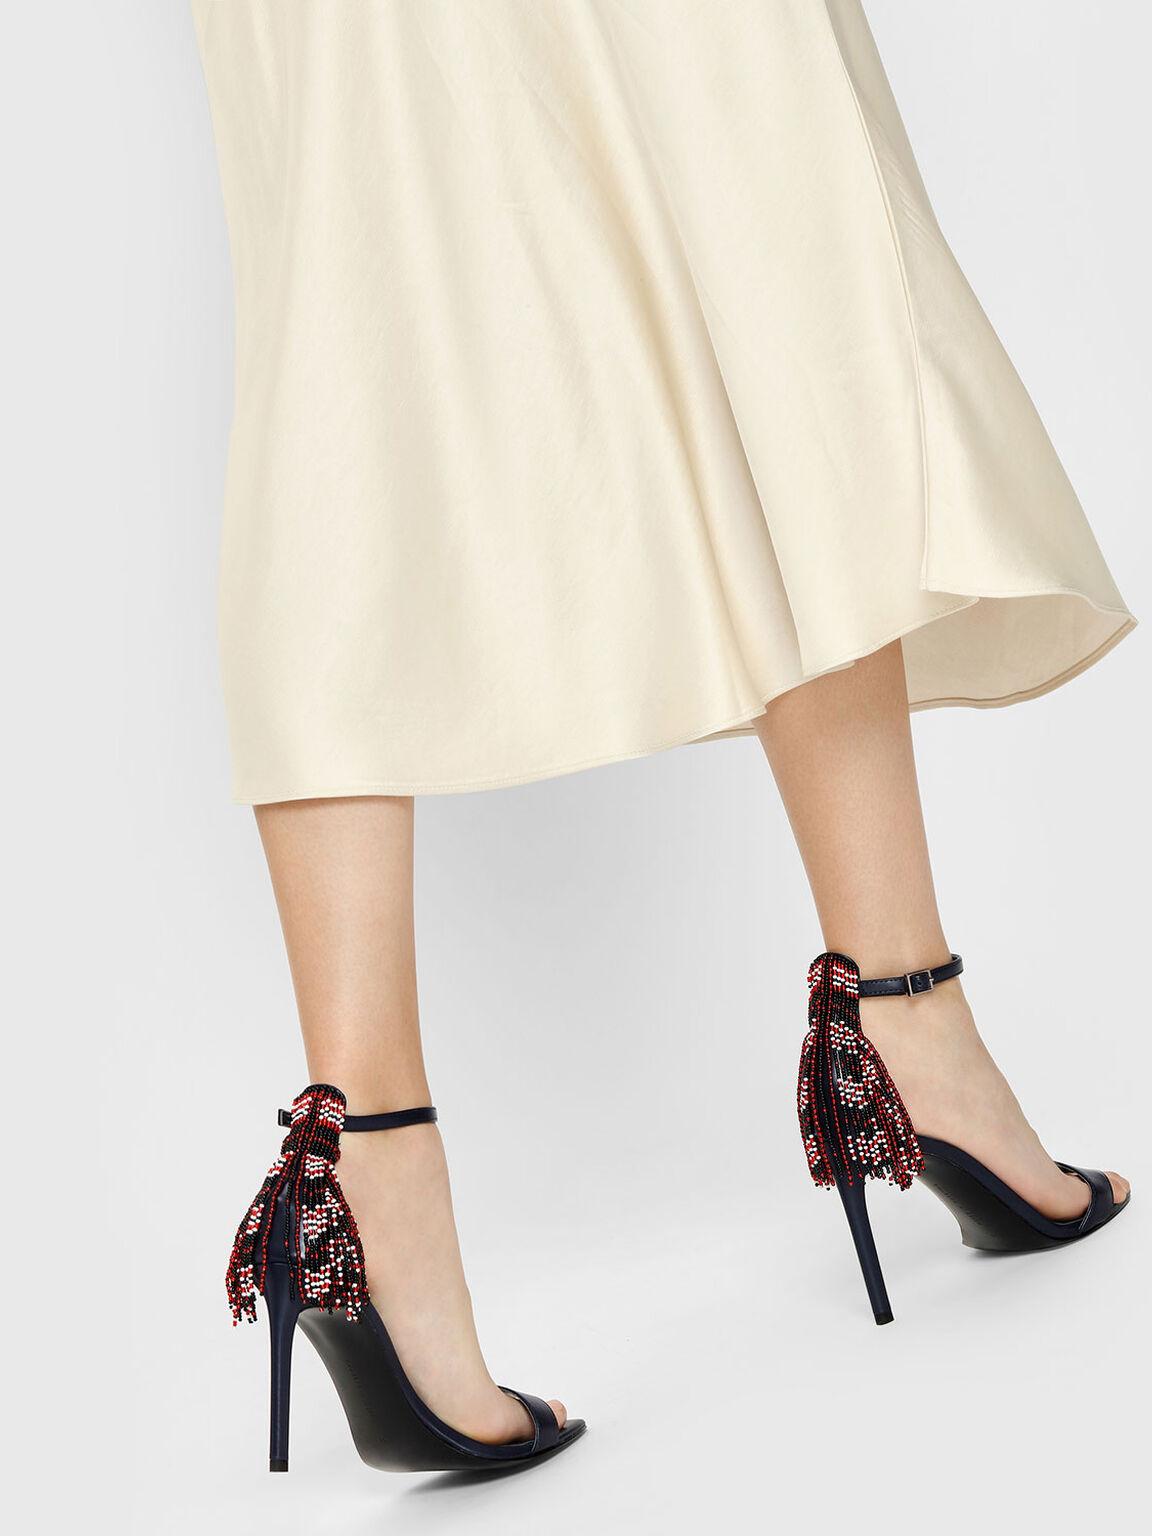 Beaded Fringe Heeled Sandals, Dark Blue, hi-res